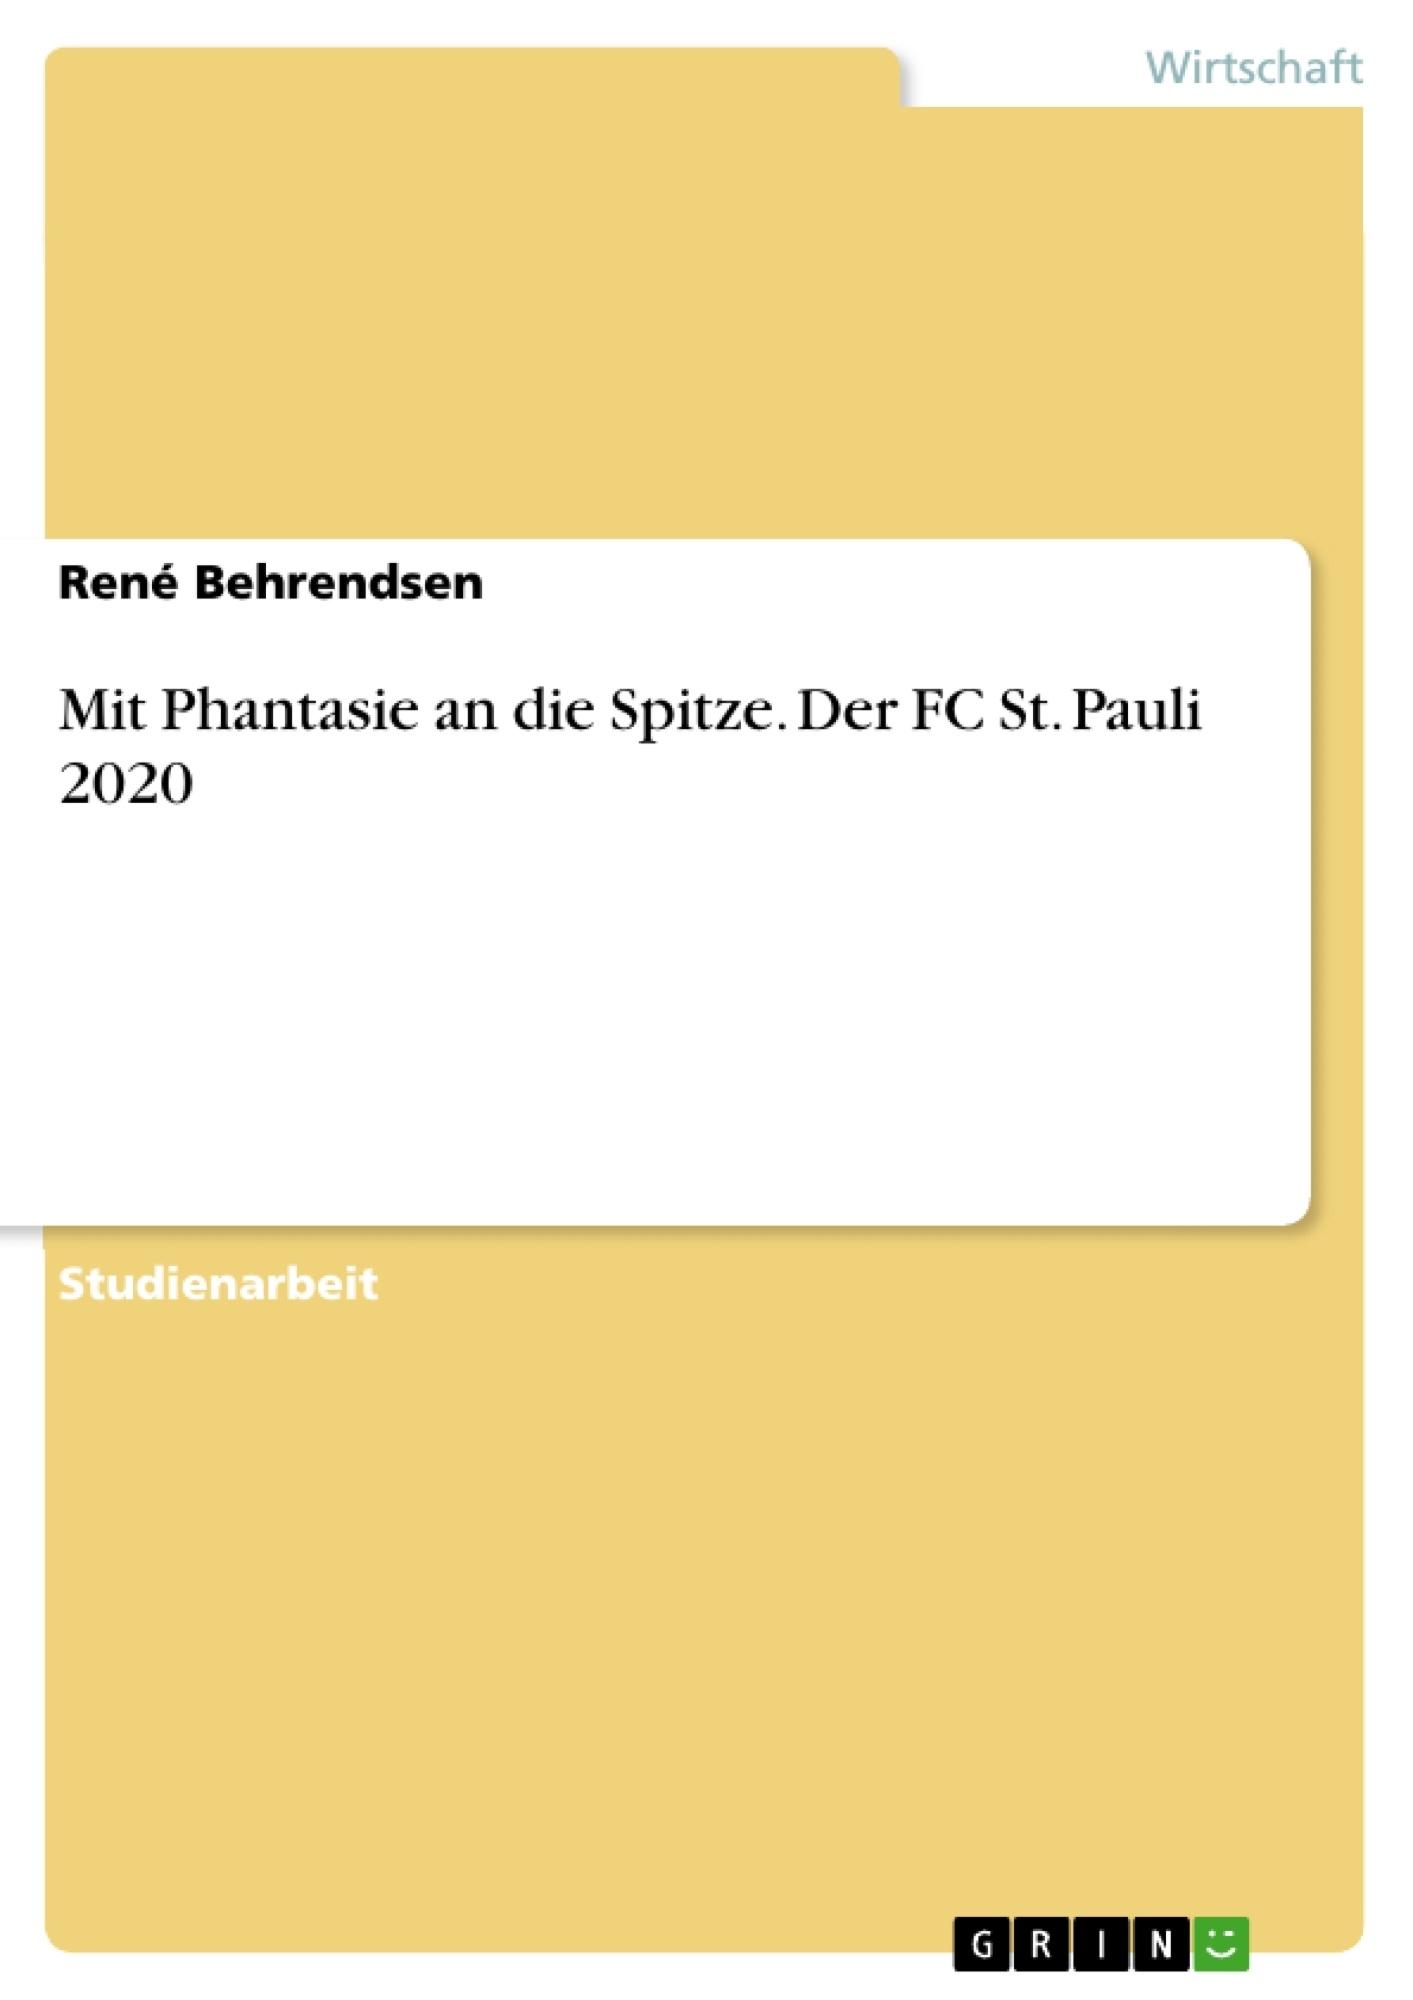 Titel: Mit Phantasie an die Spitze. Der FC St. Pauli 2020